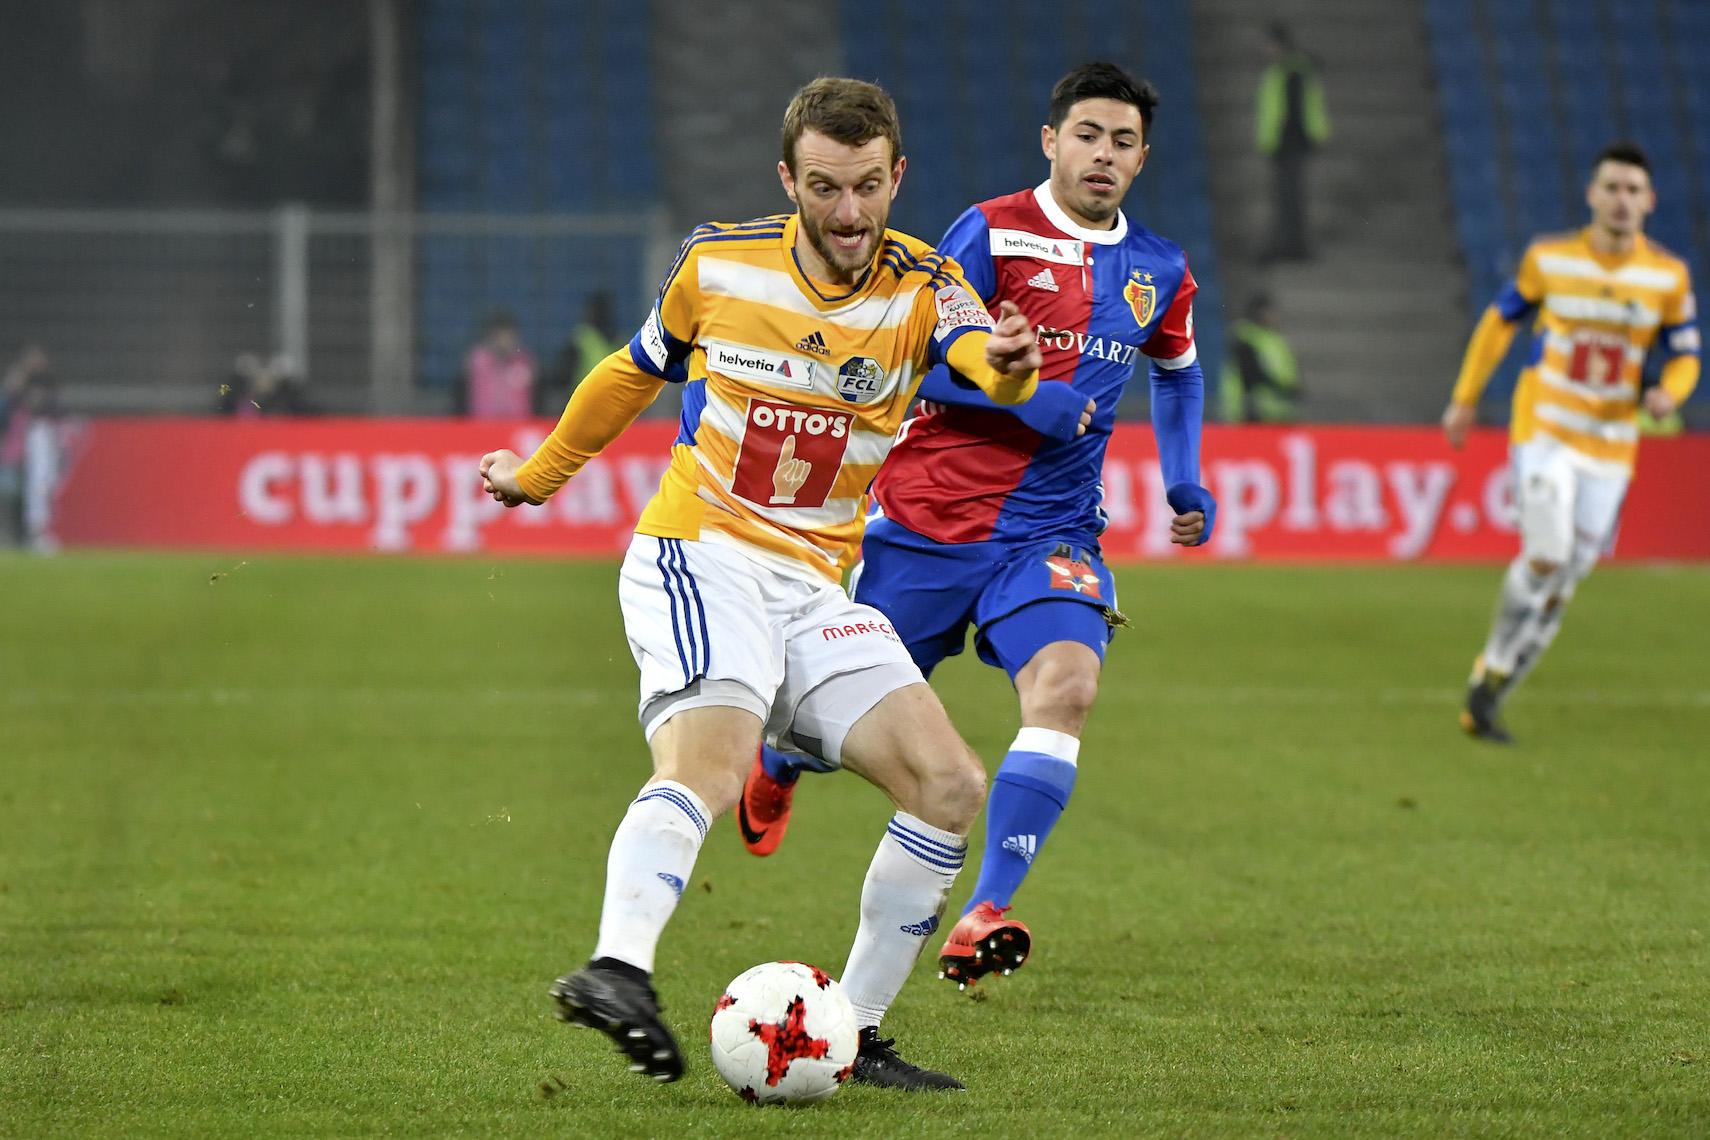 Christian Schneuwly bleibt am Ball: Hier gegen Basels Blas Riveros im Cup.